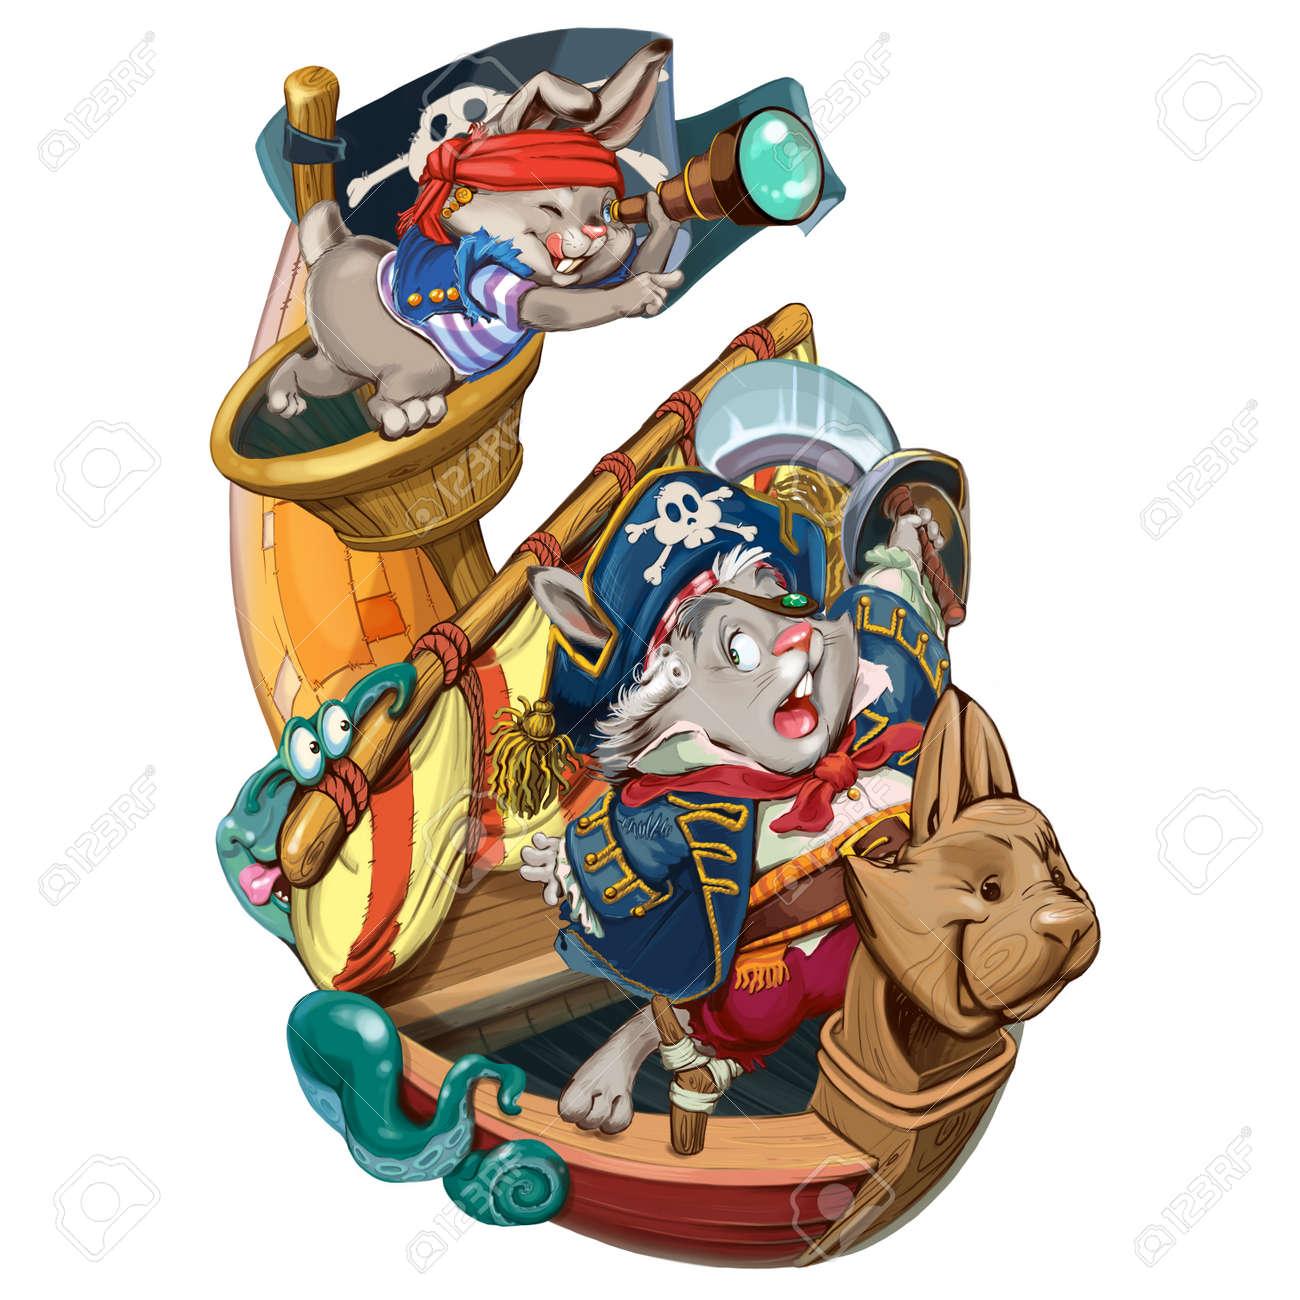 Cartoon Liebres Piratas Van A Atacar A La Nave Para Tomar La Producción Tarjeta De Invitación Para Una Fiesta O Un Cumpleaños Ilustración De La